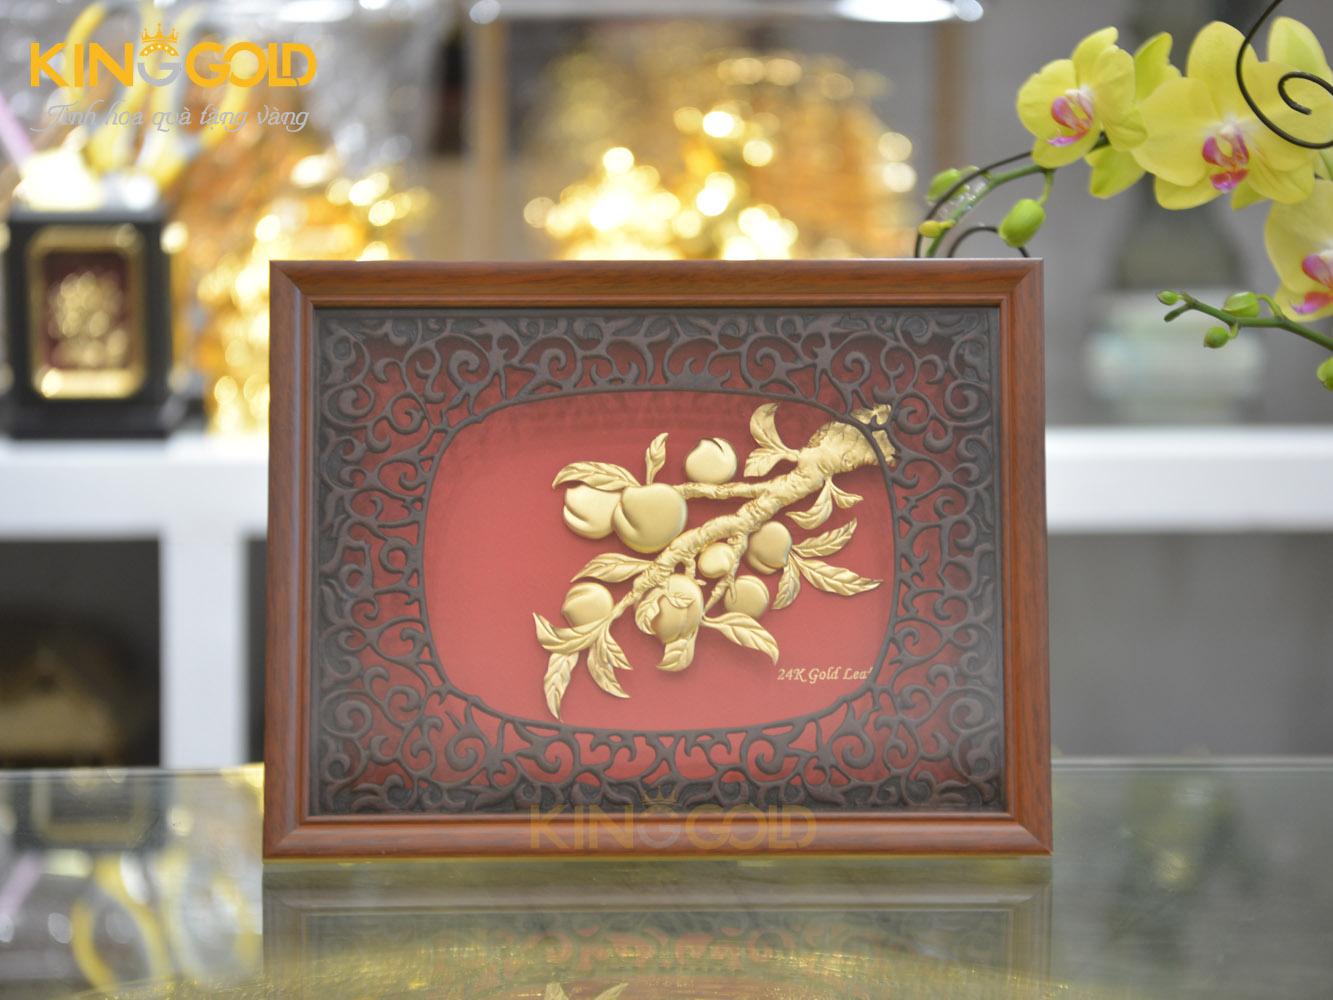 Tranh vàng cây đào mang biểu tượng hưng thịnh